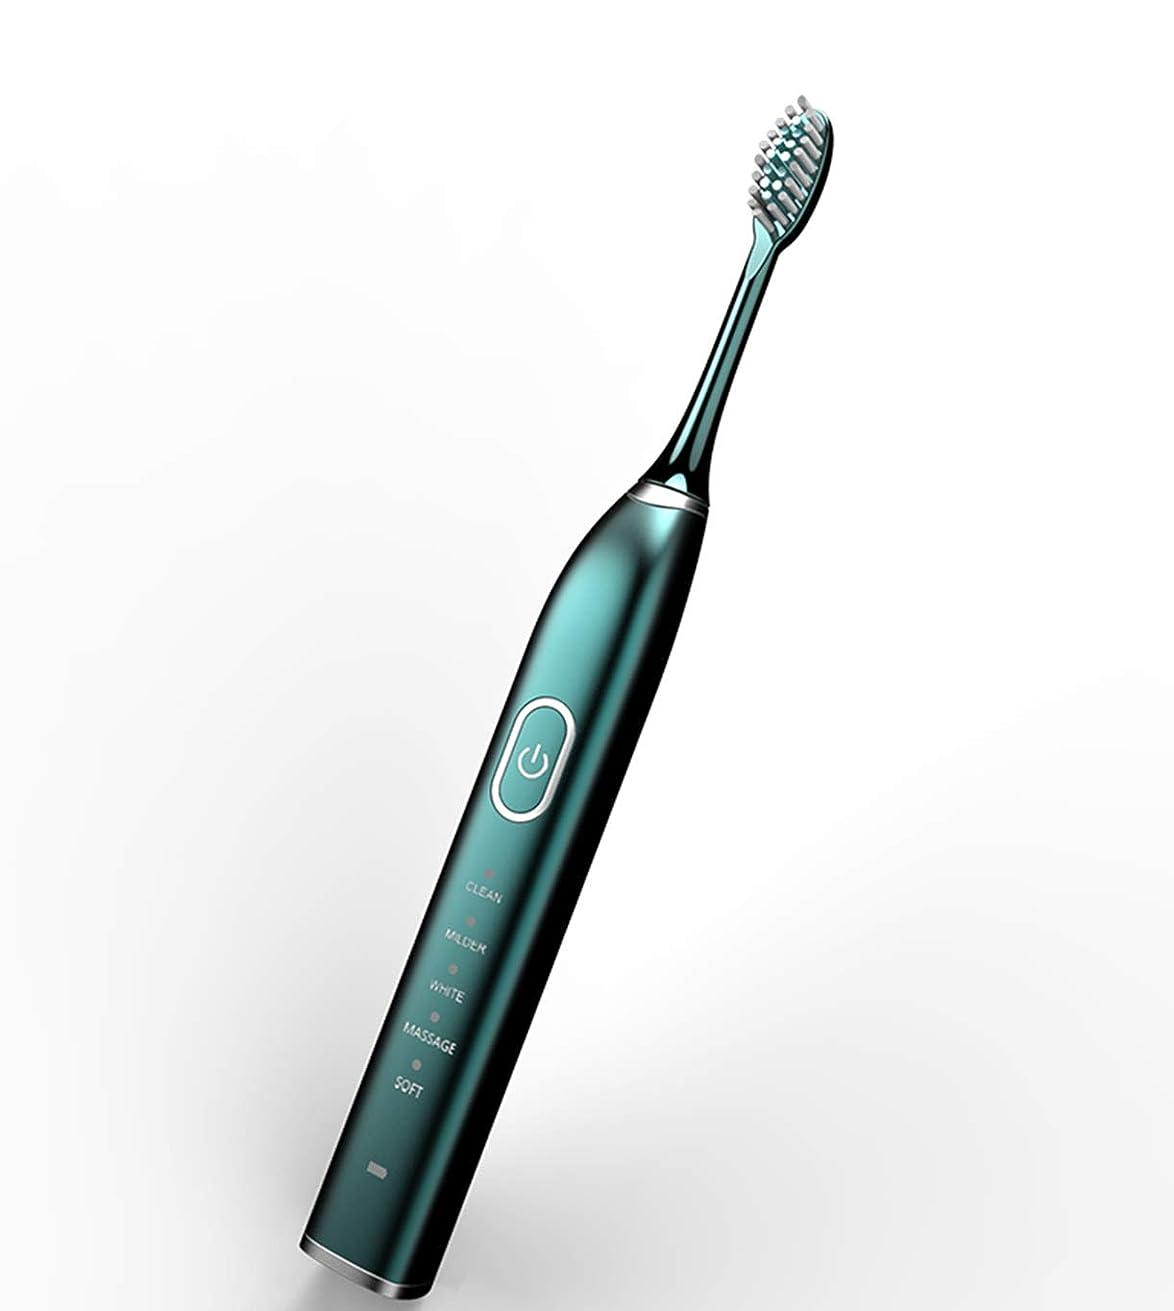 出口無心ブラウス超音波インテリジェント電動歯ブラシ、5/10ブラシヘッド付き防水成人充電式歯ブラシを白くする家庭用5/15ファイル,グリーン,5thgear